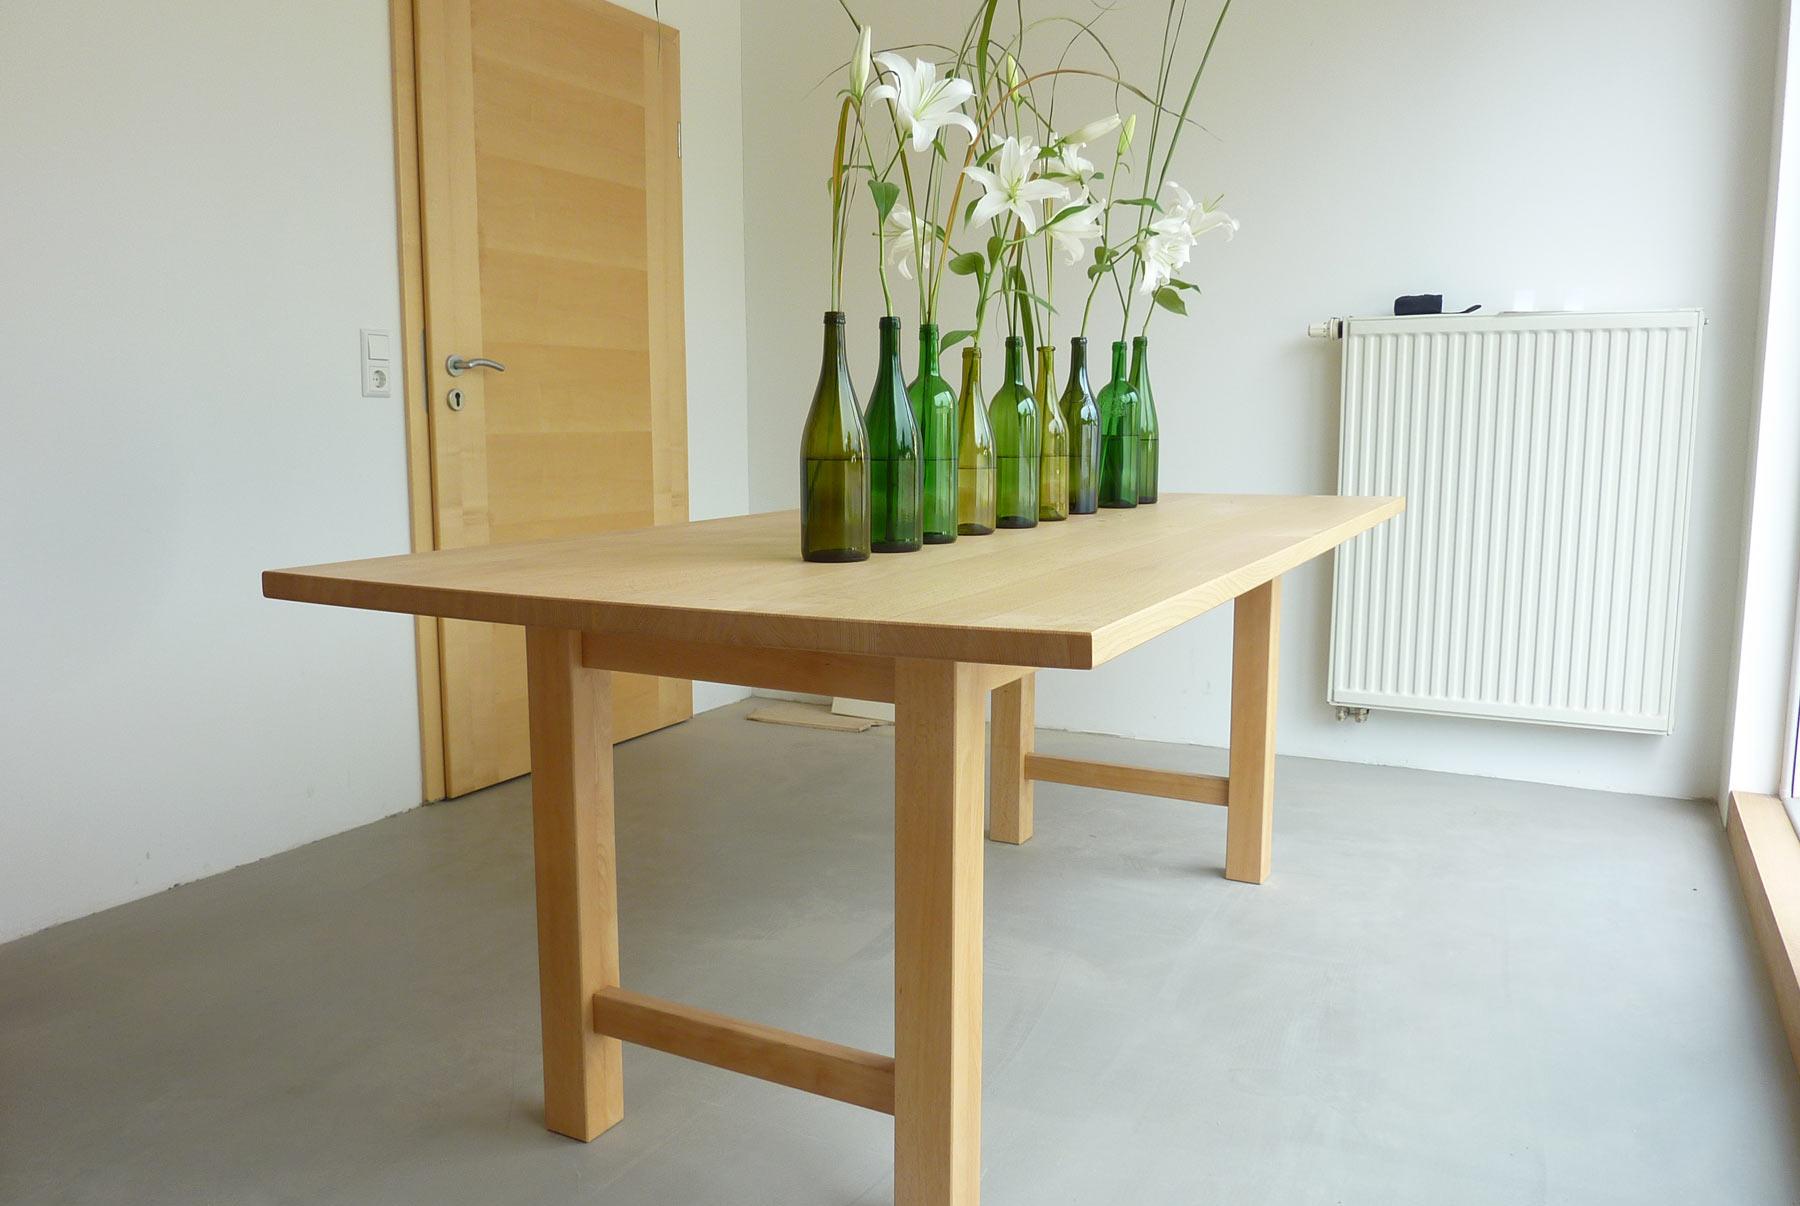 tische aus massivholz f r das esszimmer das b ro oder. Black Bedroom Furniture Sets. Home Design Ideas